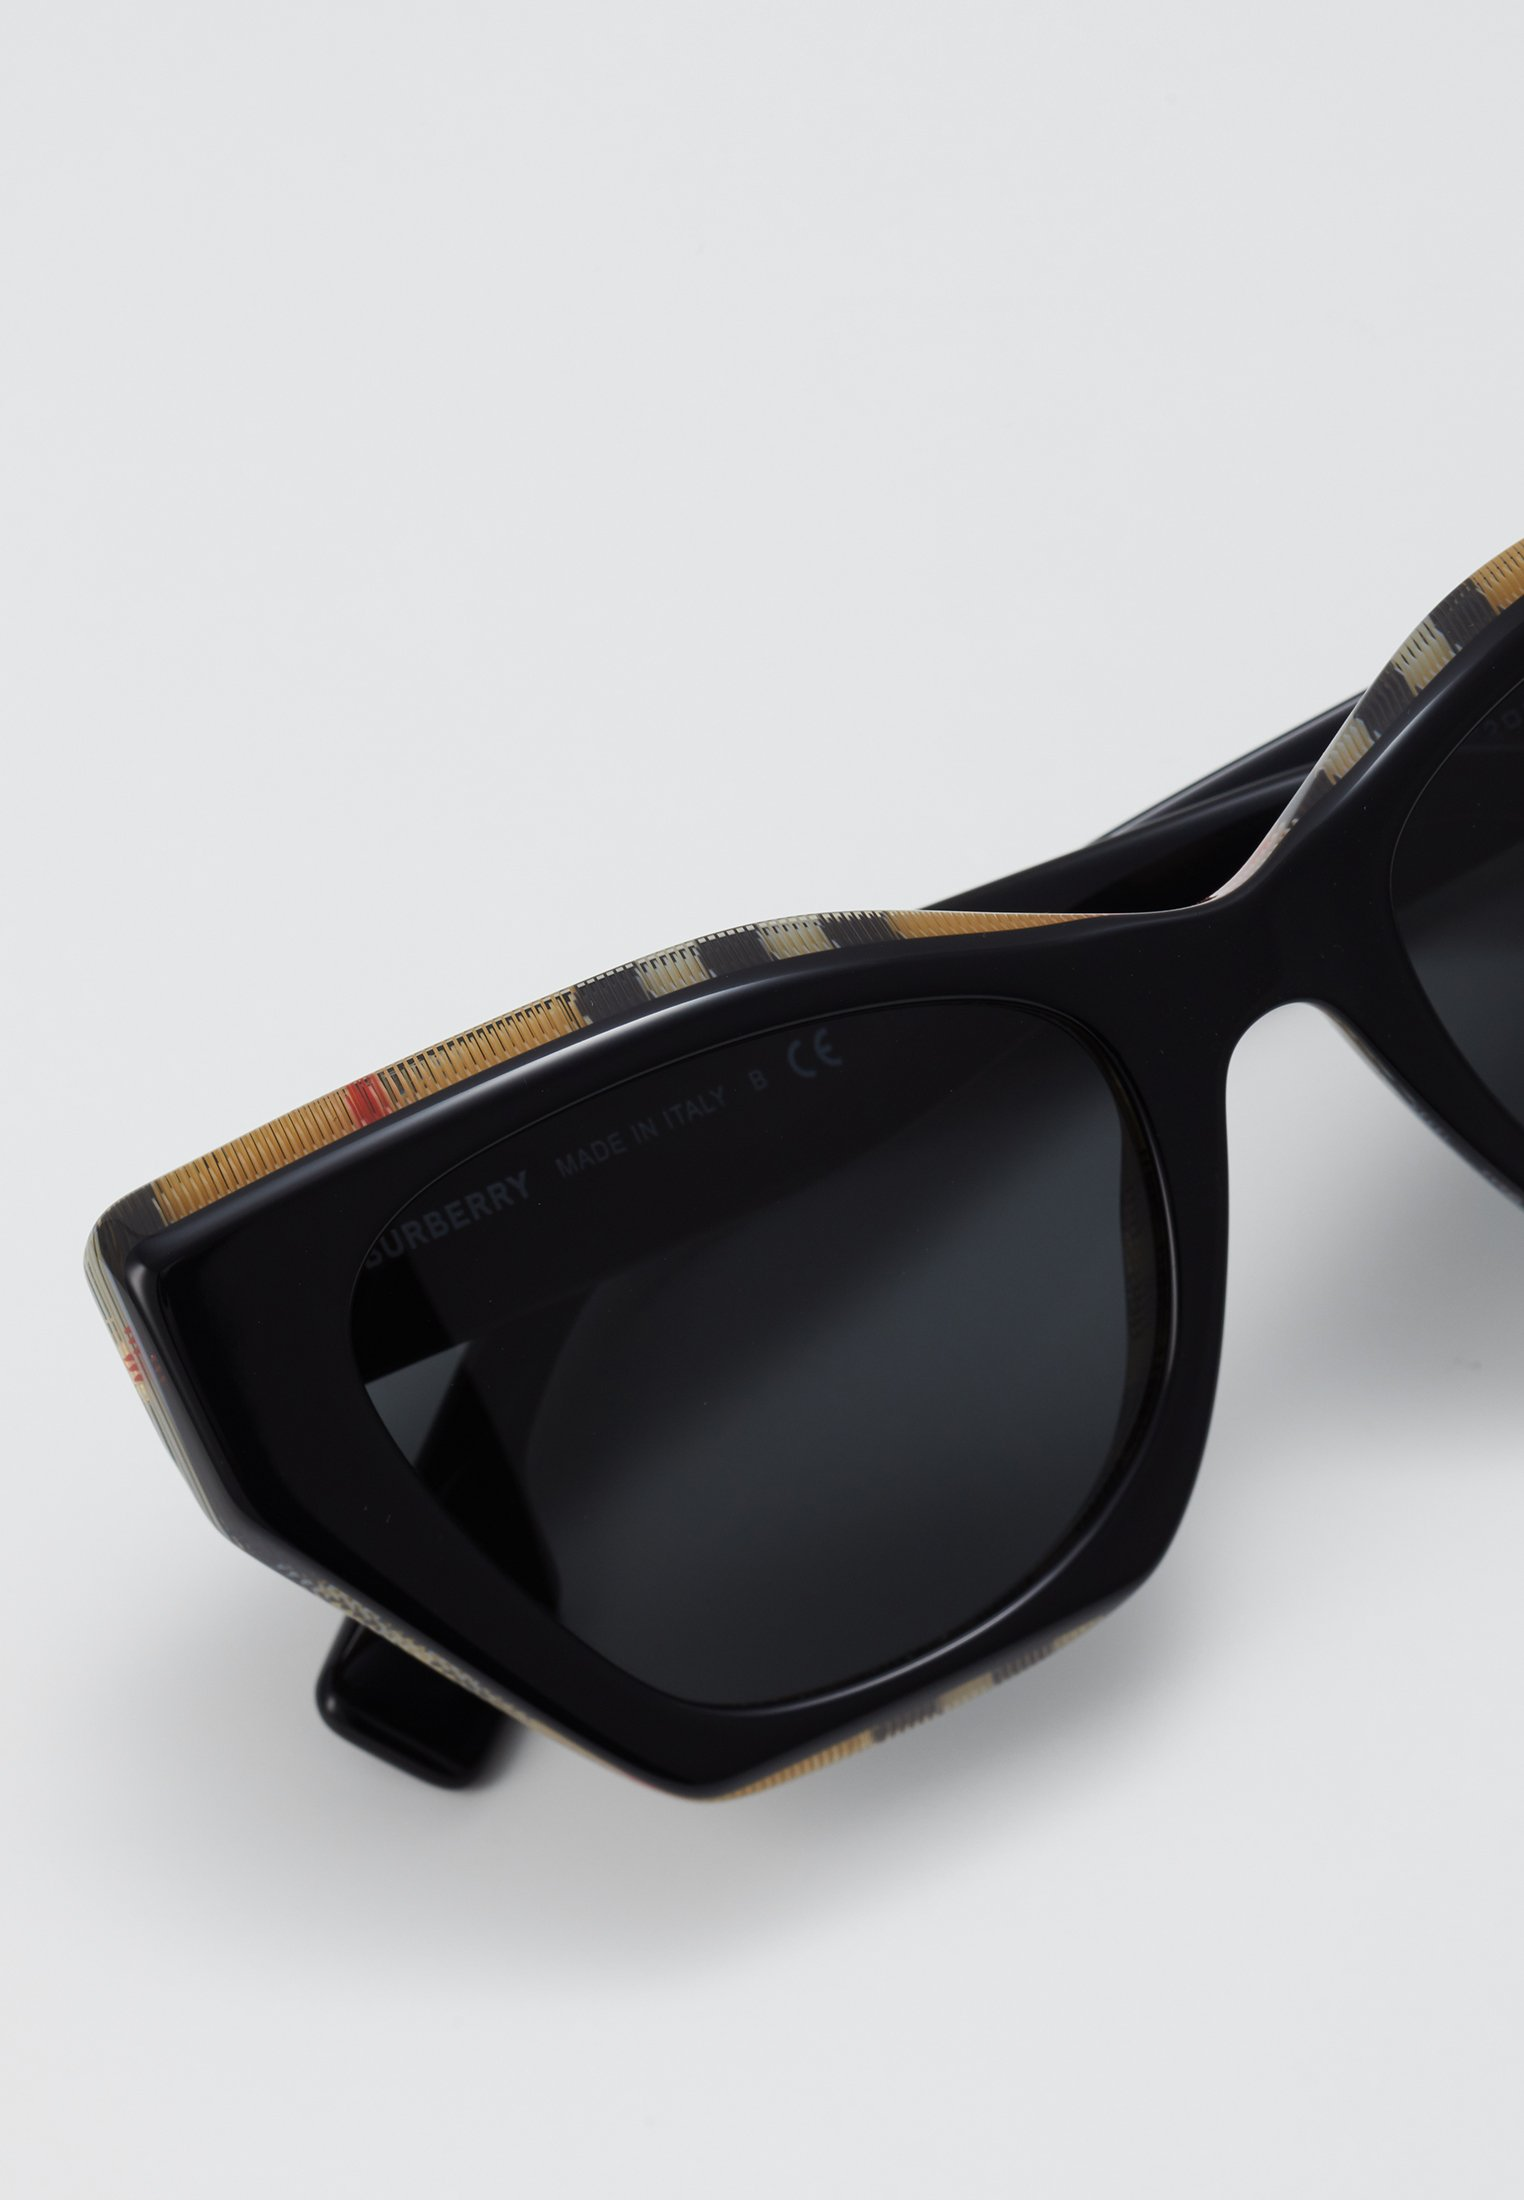 Burberry Aurinkolasit - black - Naisten asusteet H8Gil